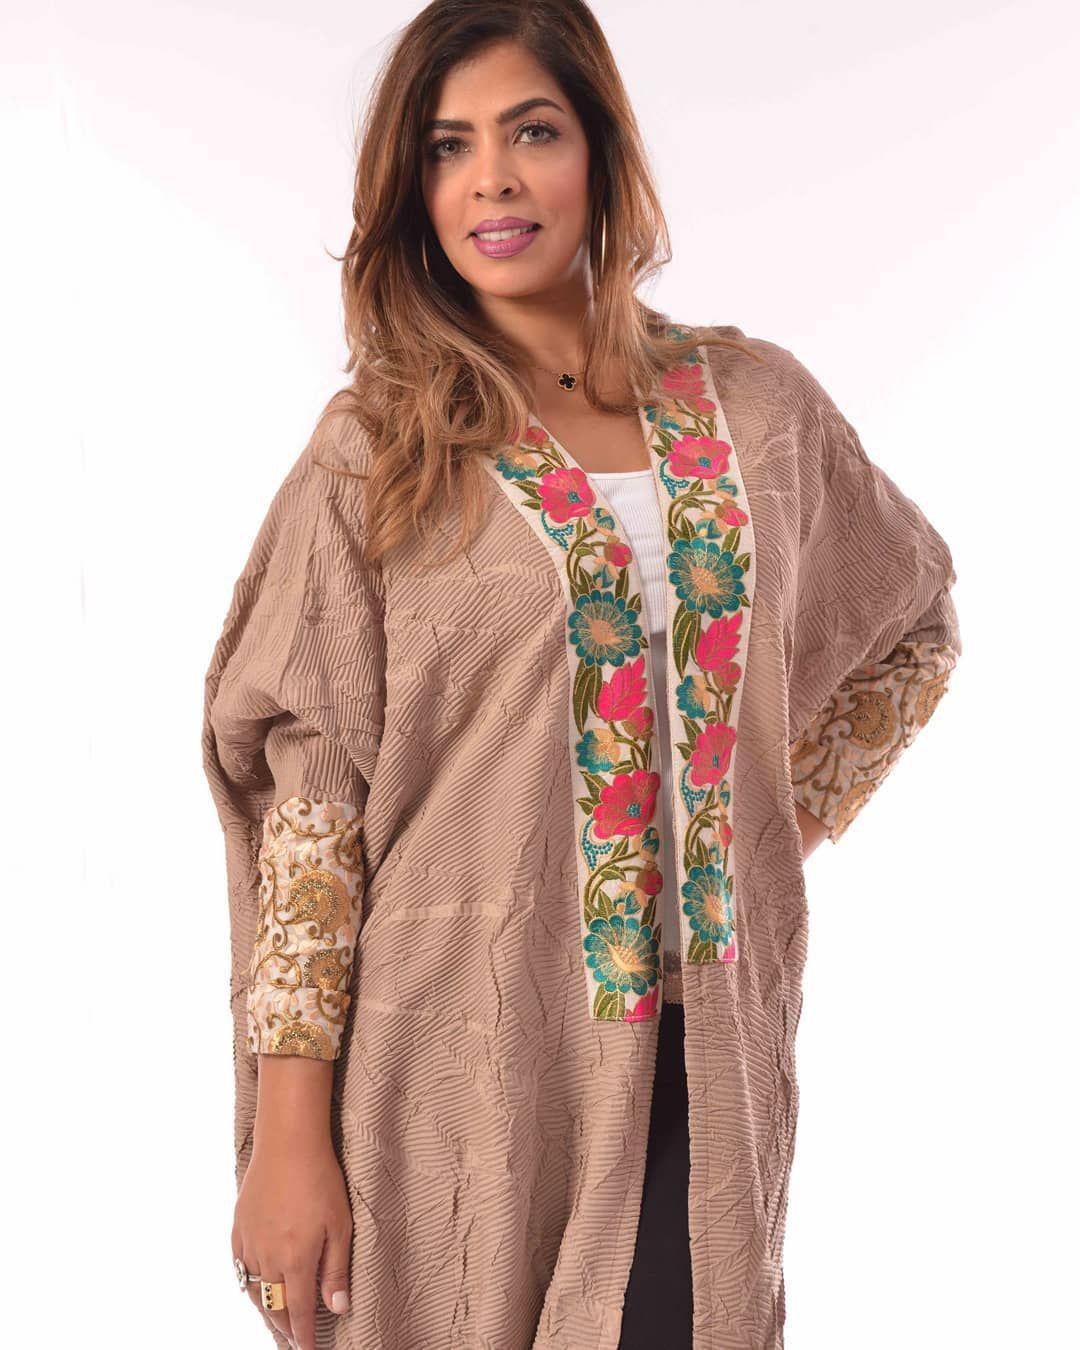 غدا في بازار سمرضان السعوديه جده بازار عبايه تصميم تطريز ثياب رمضان مكه Fashion Abaya Colorabaya Instafashion Insta Women Wear Arab Women Fashion